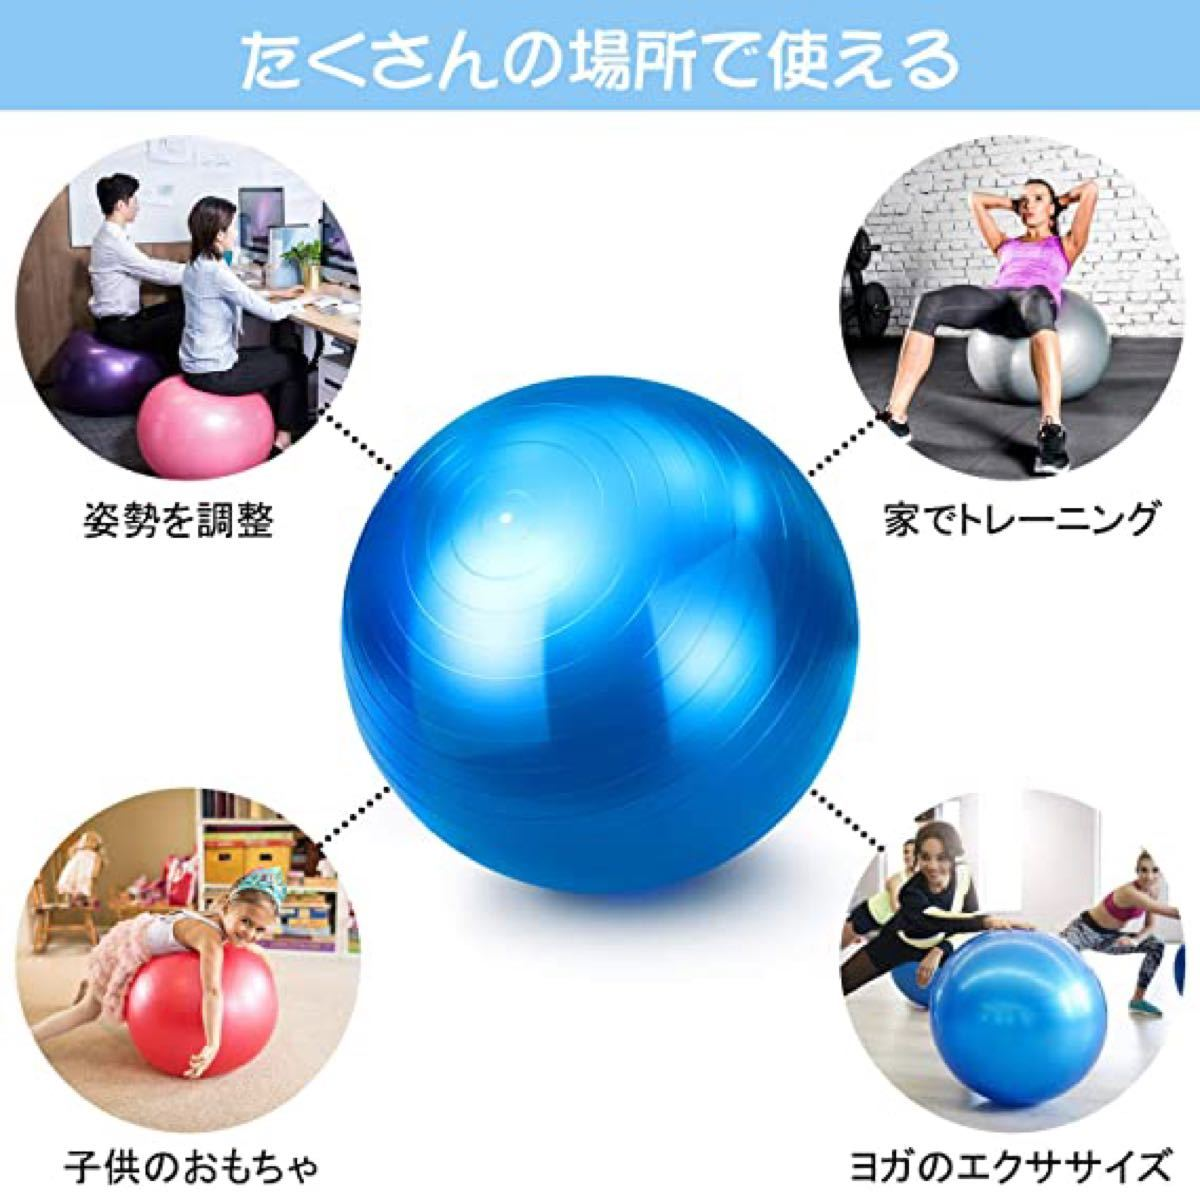 バランスボール 厚い エクササイズ ヨガ フィットネス ボール アンチバース ダイエット トレーニング